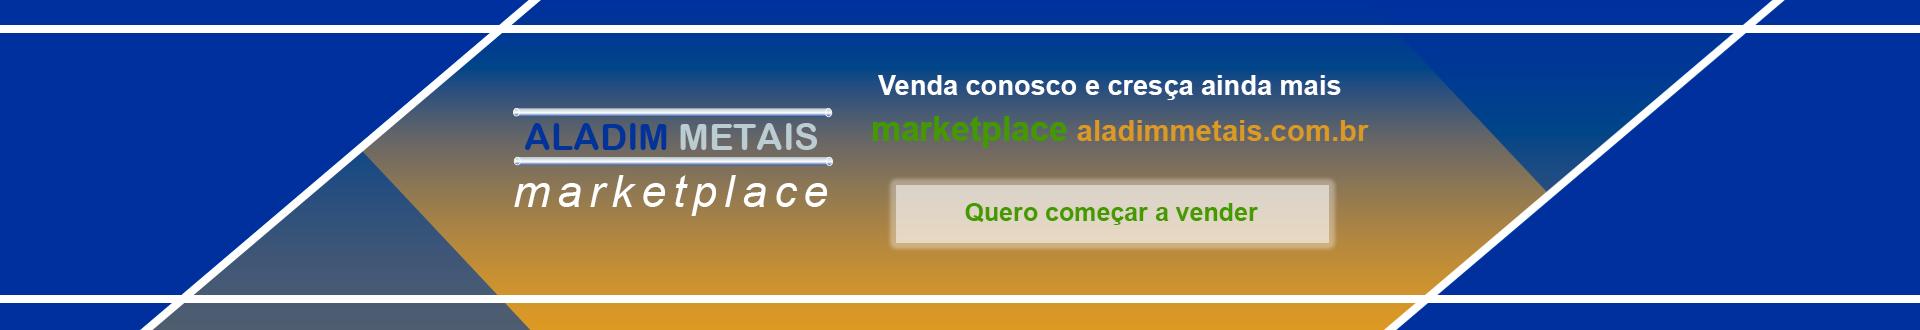 https://www.aladimmetais.com.br/venda-na-aladimmetais